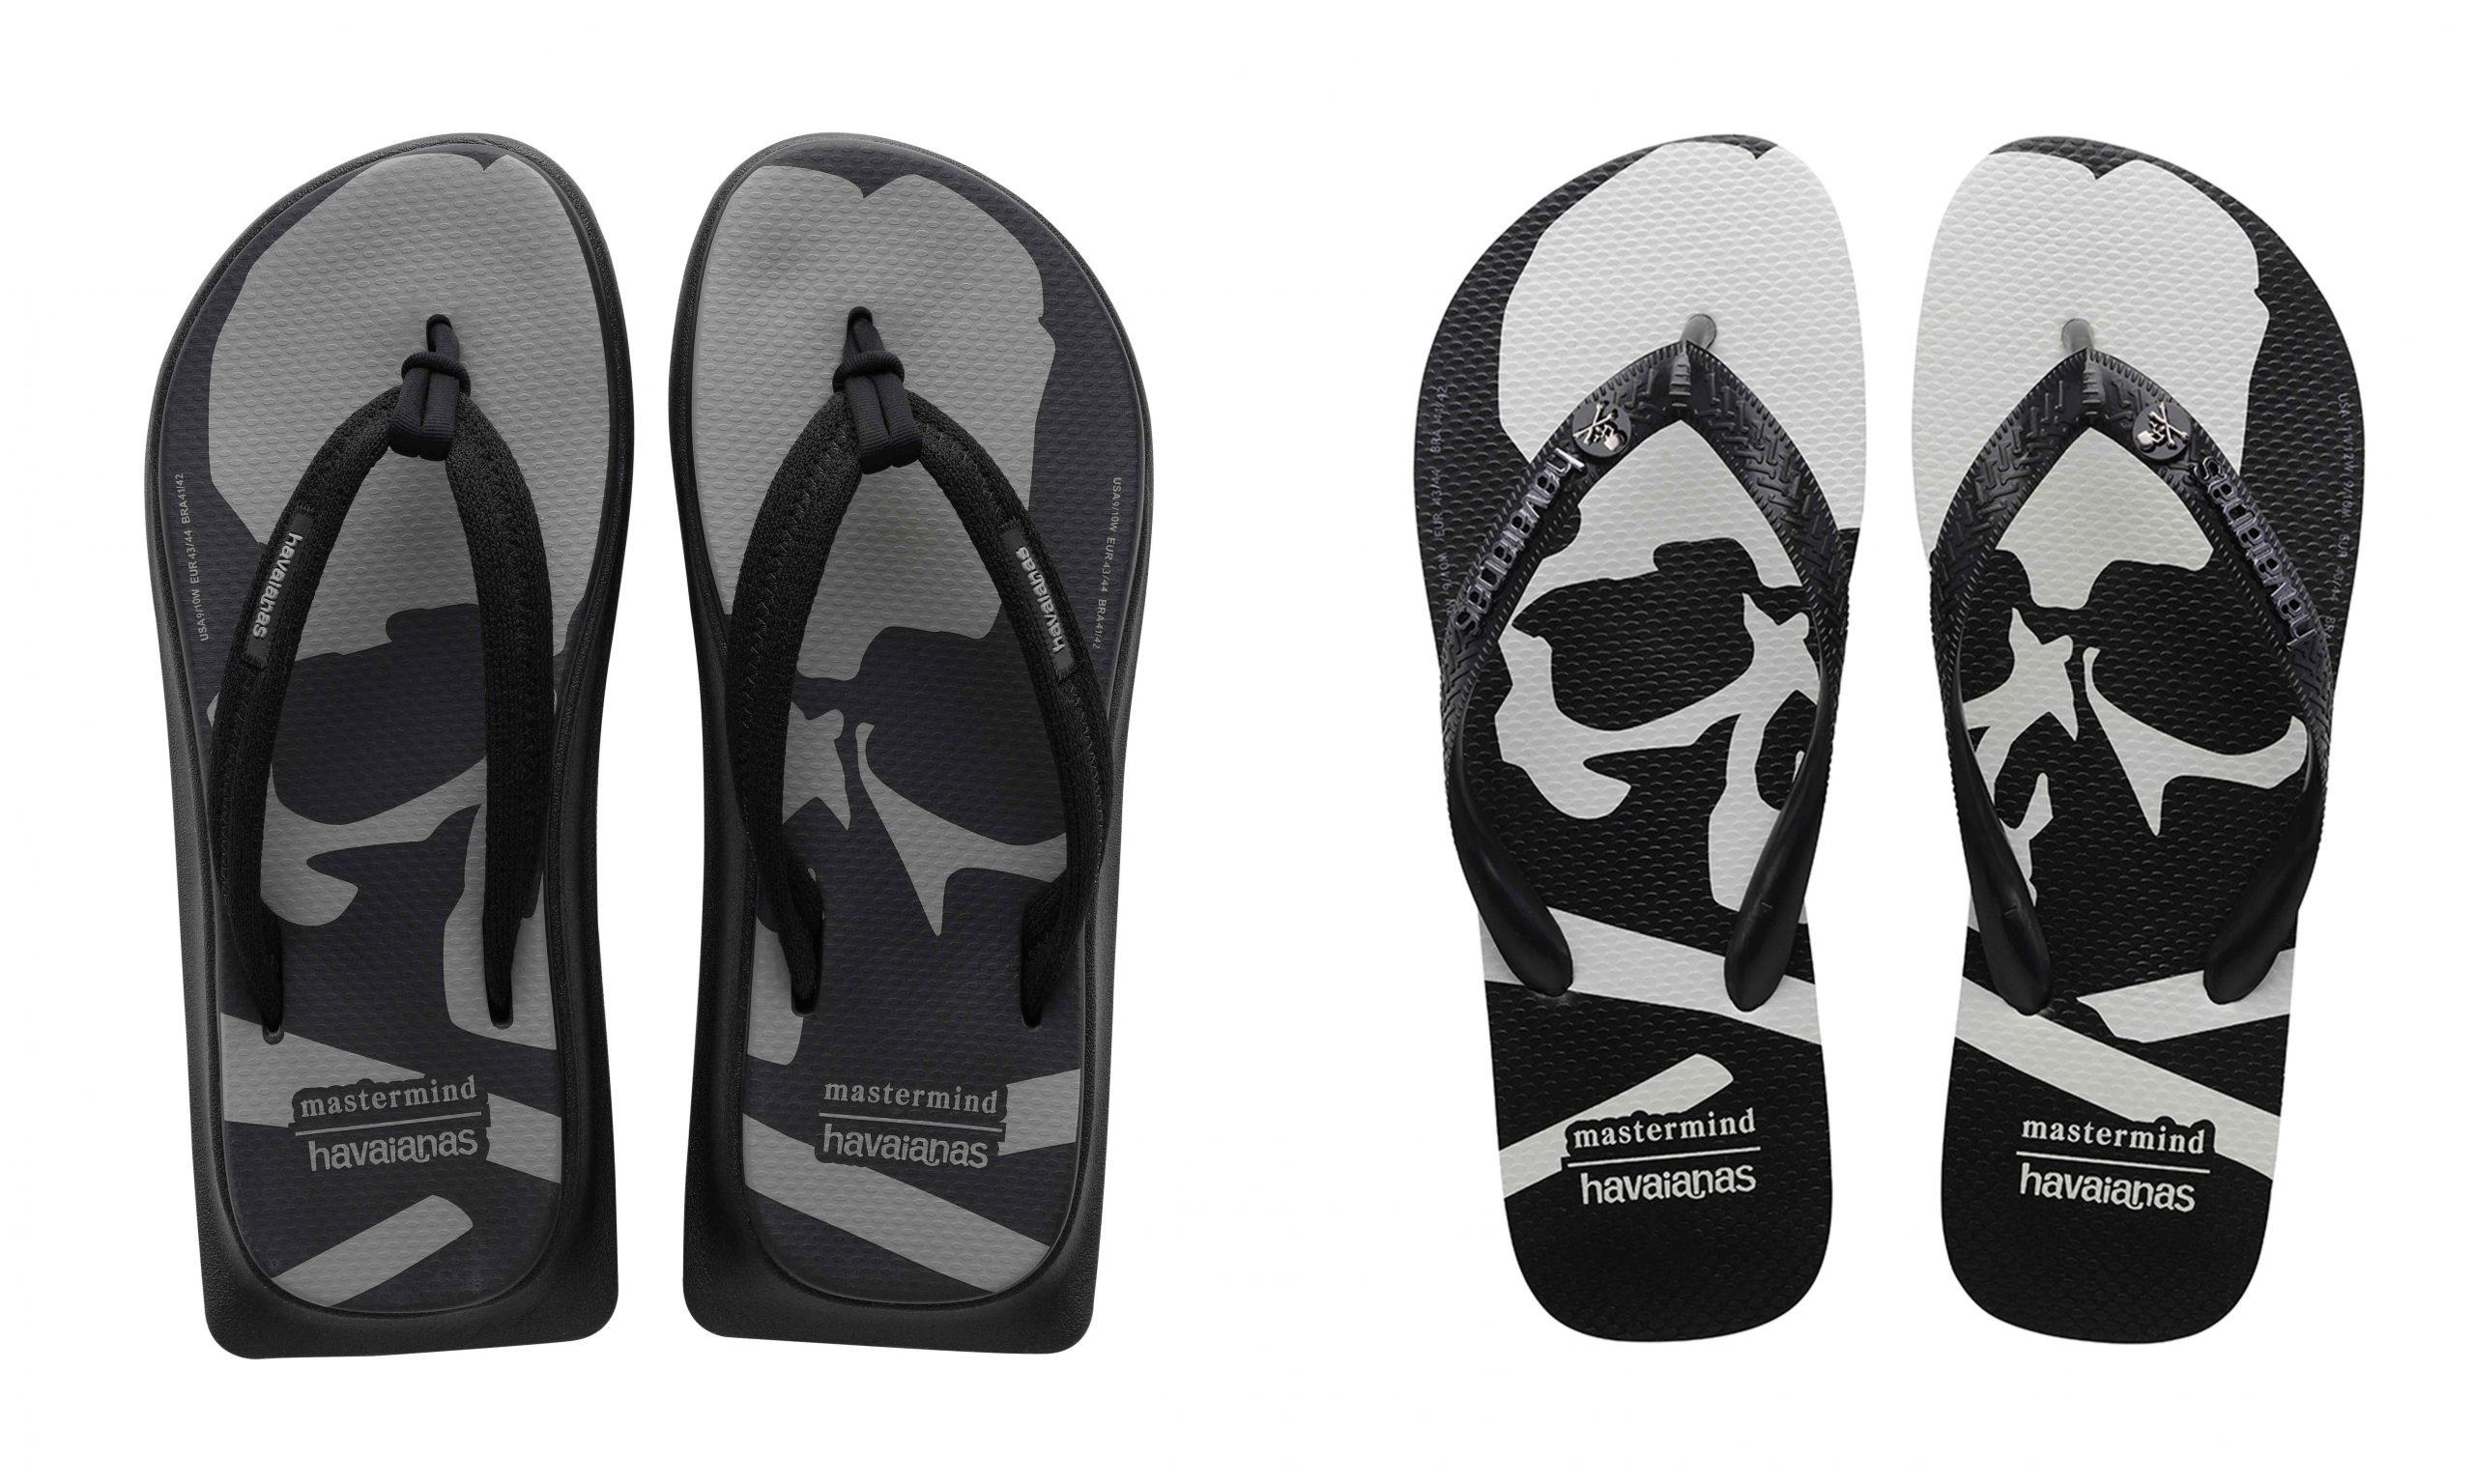 重塑夏日潮流风格,Havaianas x mastermind JAPAN 全新联名鞋款发布